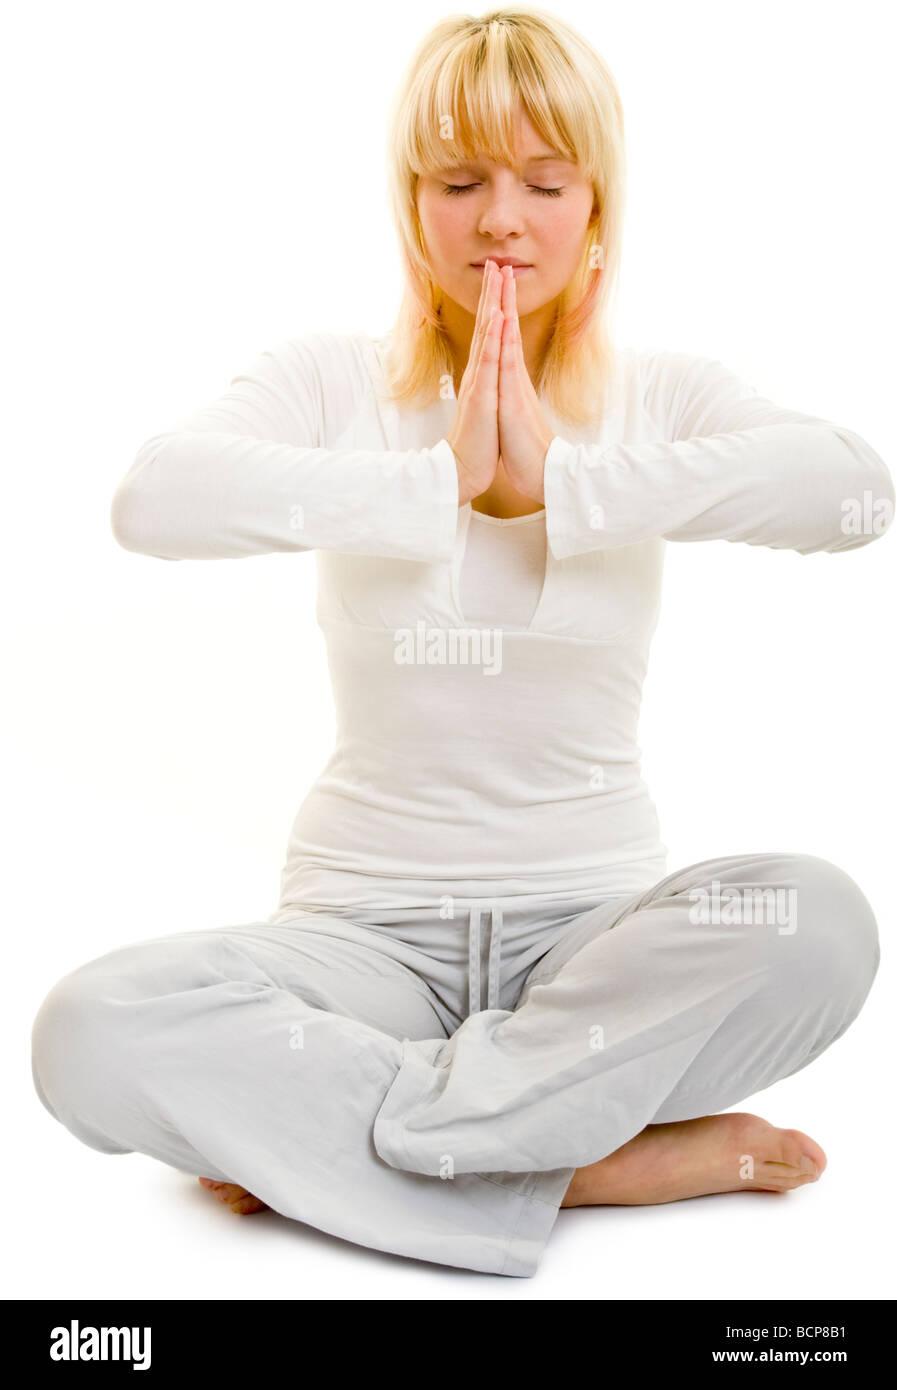 Junge blonde Frau in weißer Kleidung mit geschlossenen Augen faltet die Hände zusammen - Stock Image